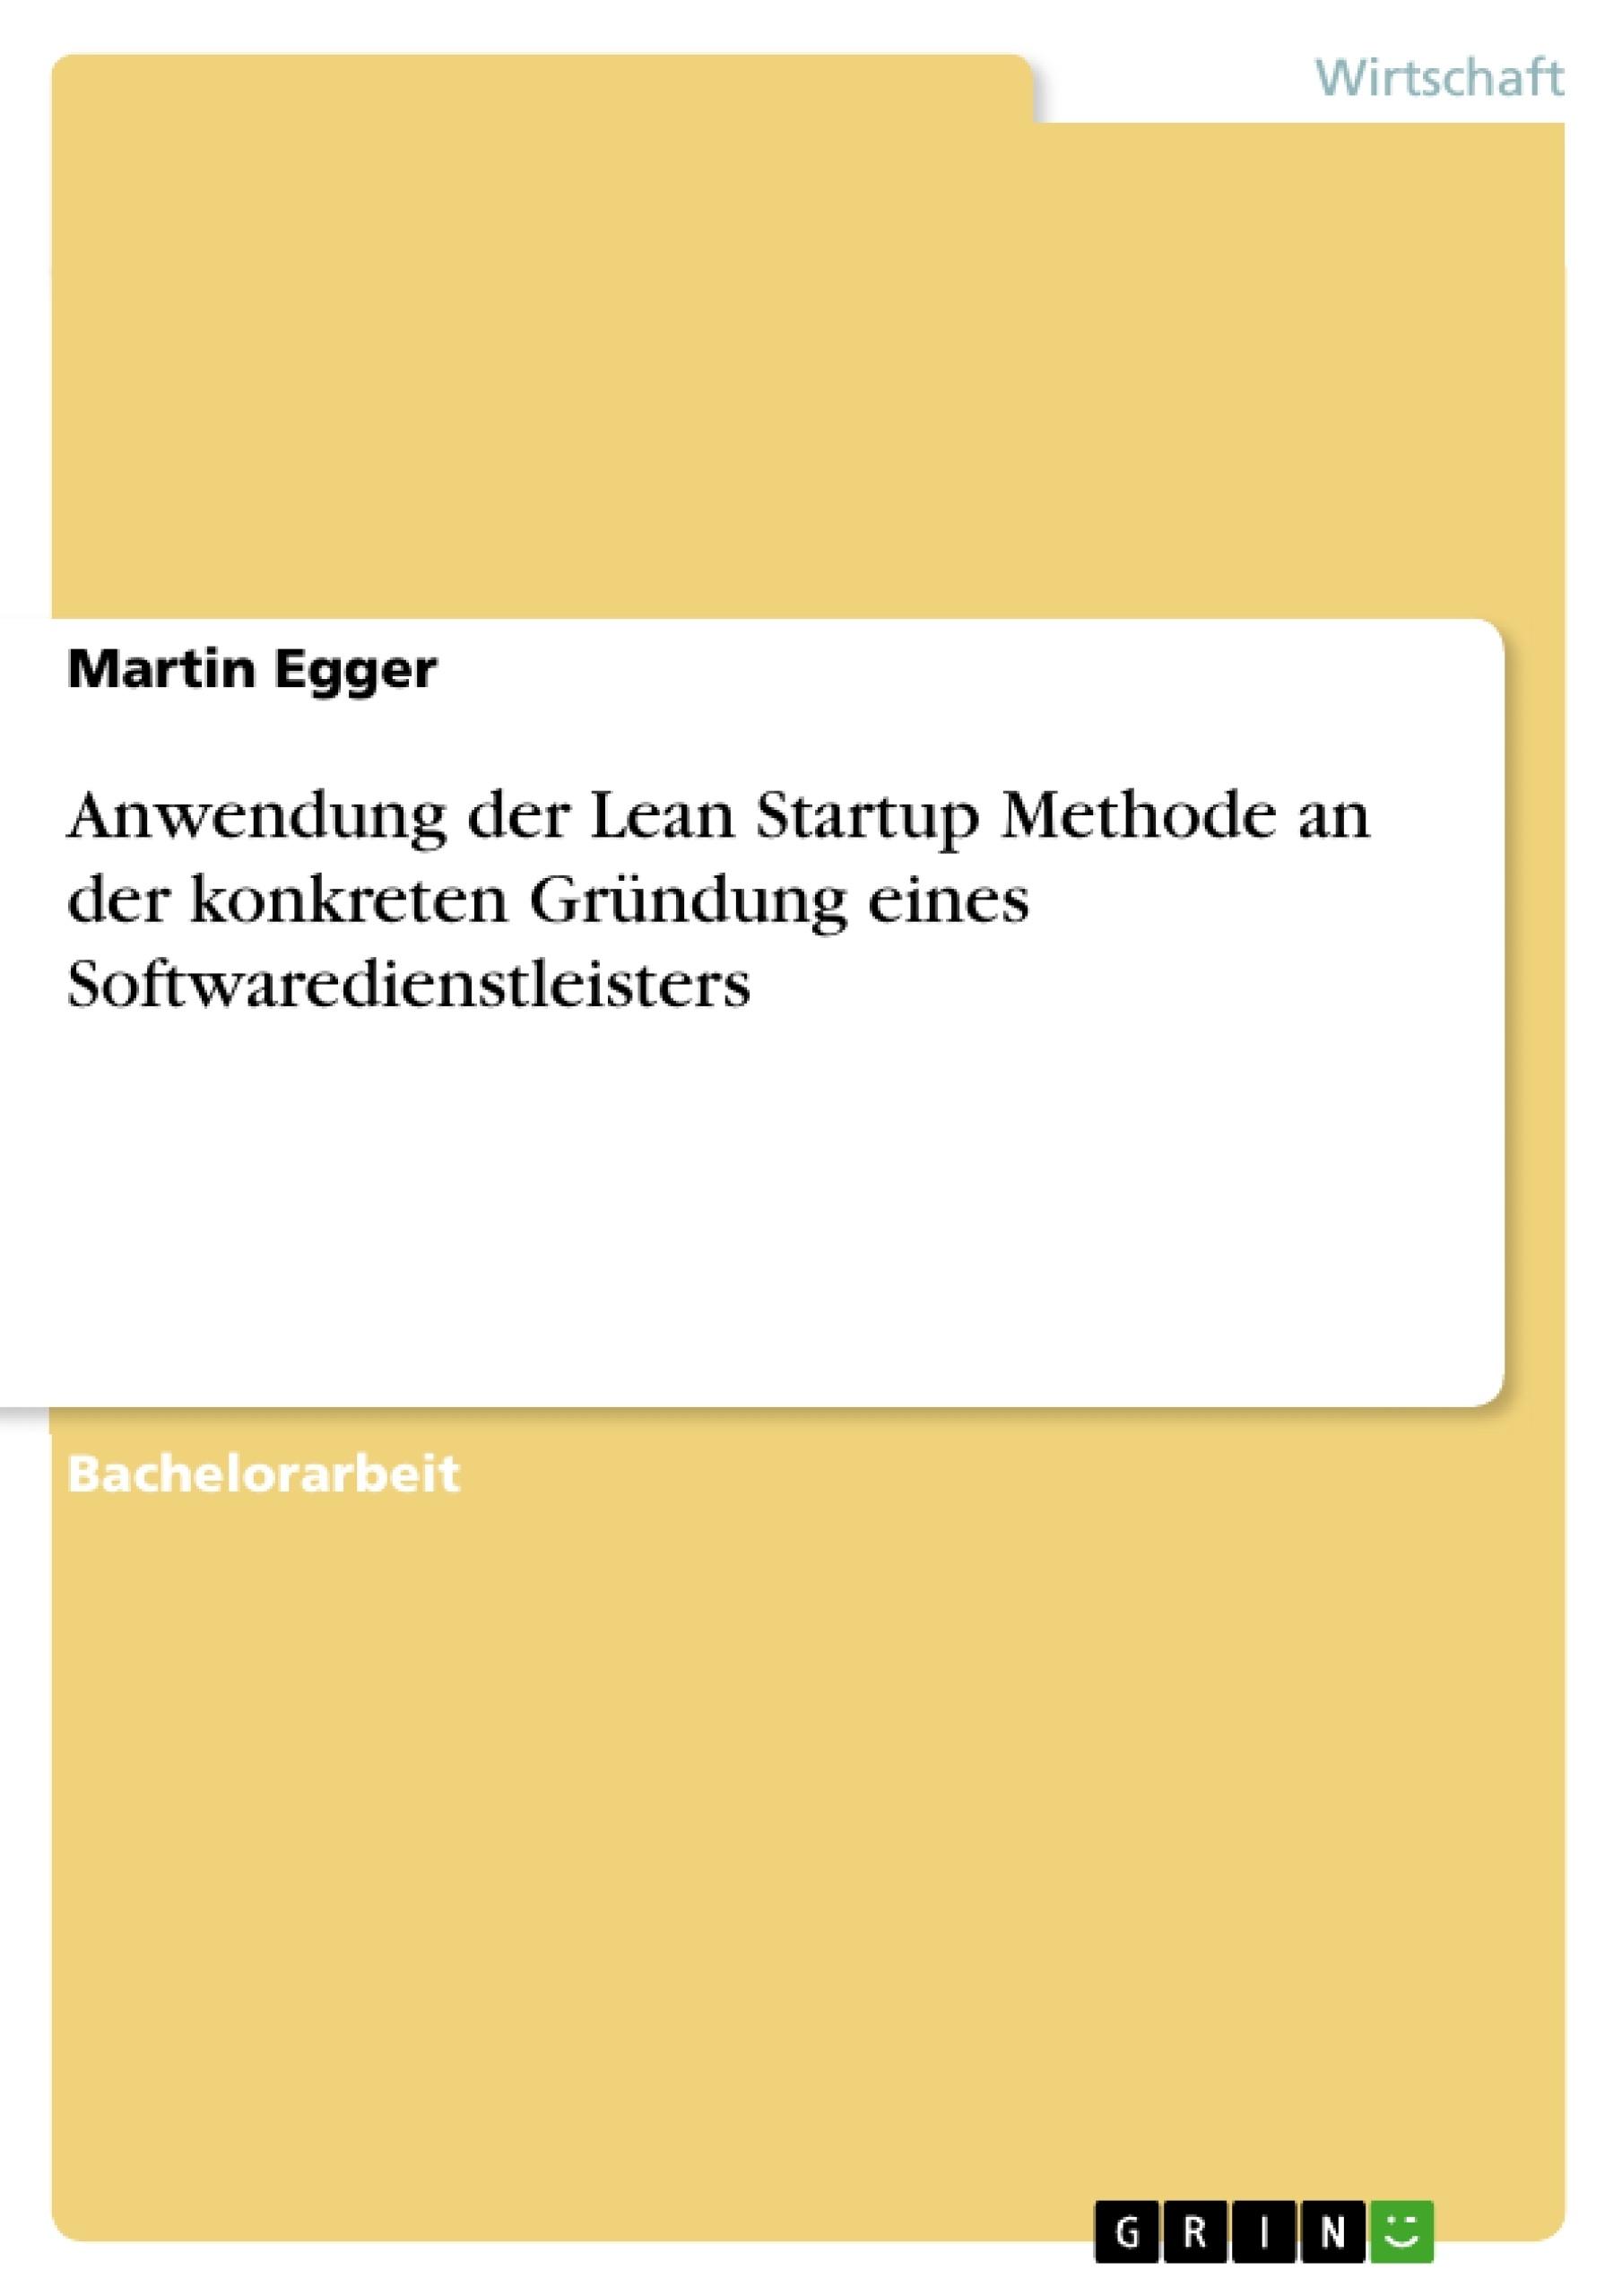 Titel: Anwendung der Lean Startup Methode an der konkreten Gründung eines Softwaredienstleisters